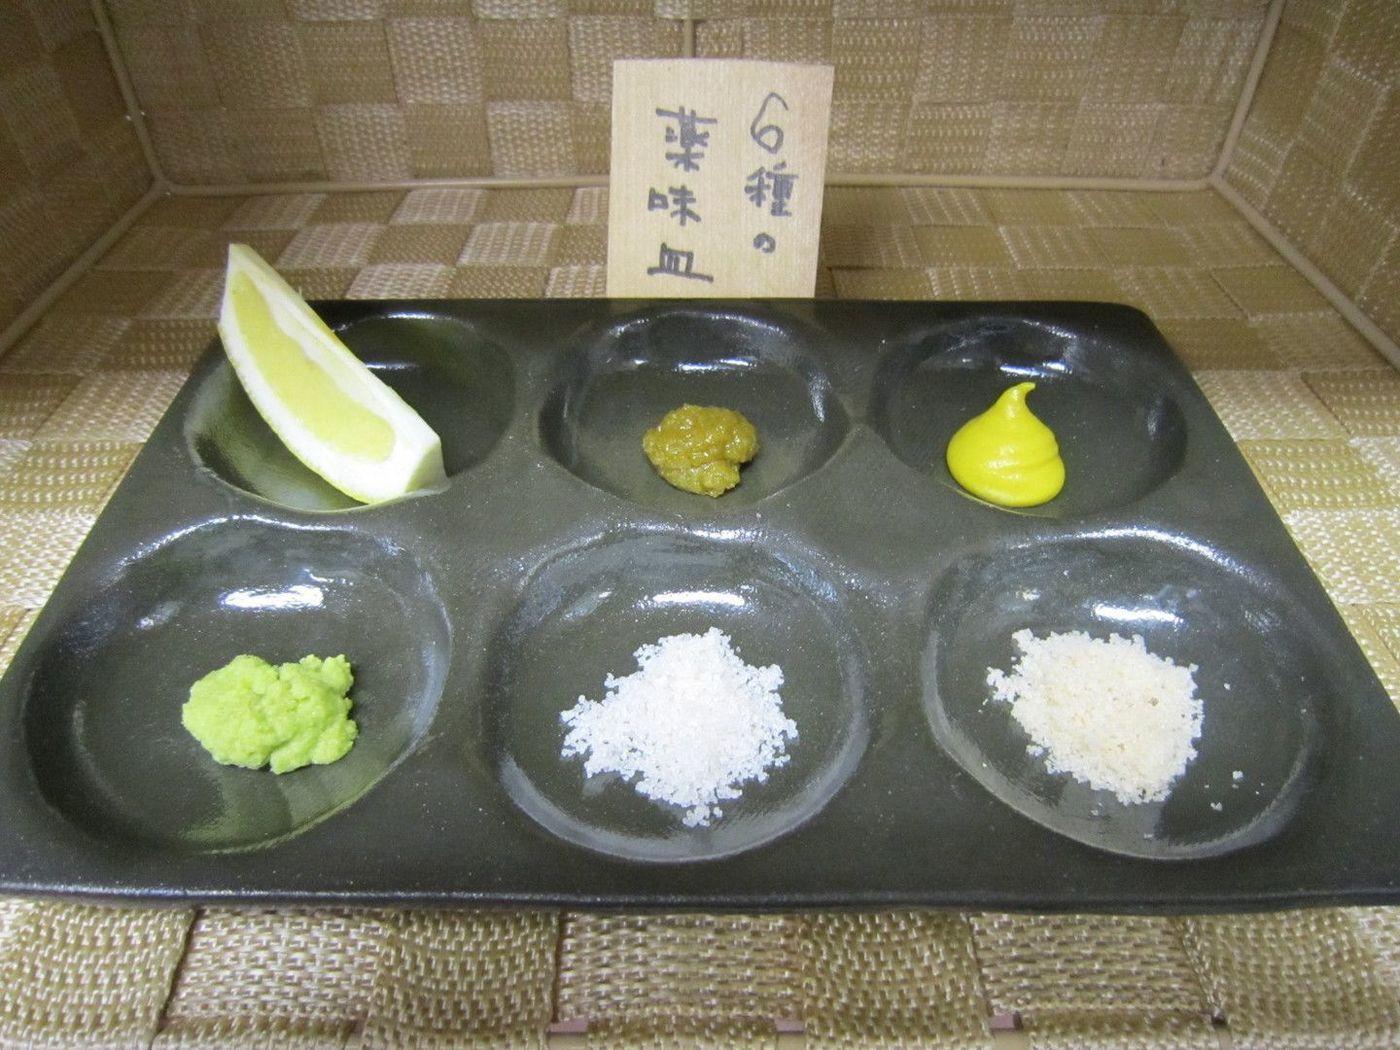 おしゃれタウン三軒茶屋で感動焼き鳥を!三茶の焼き鳥店5選♡の画像